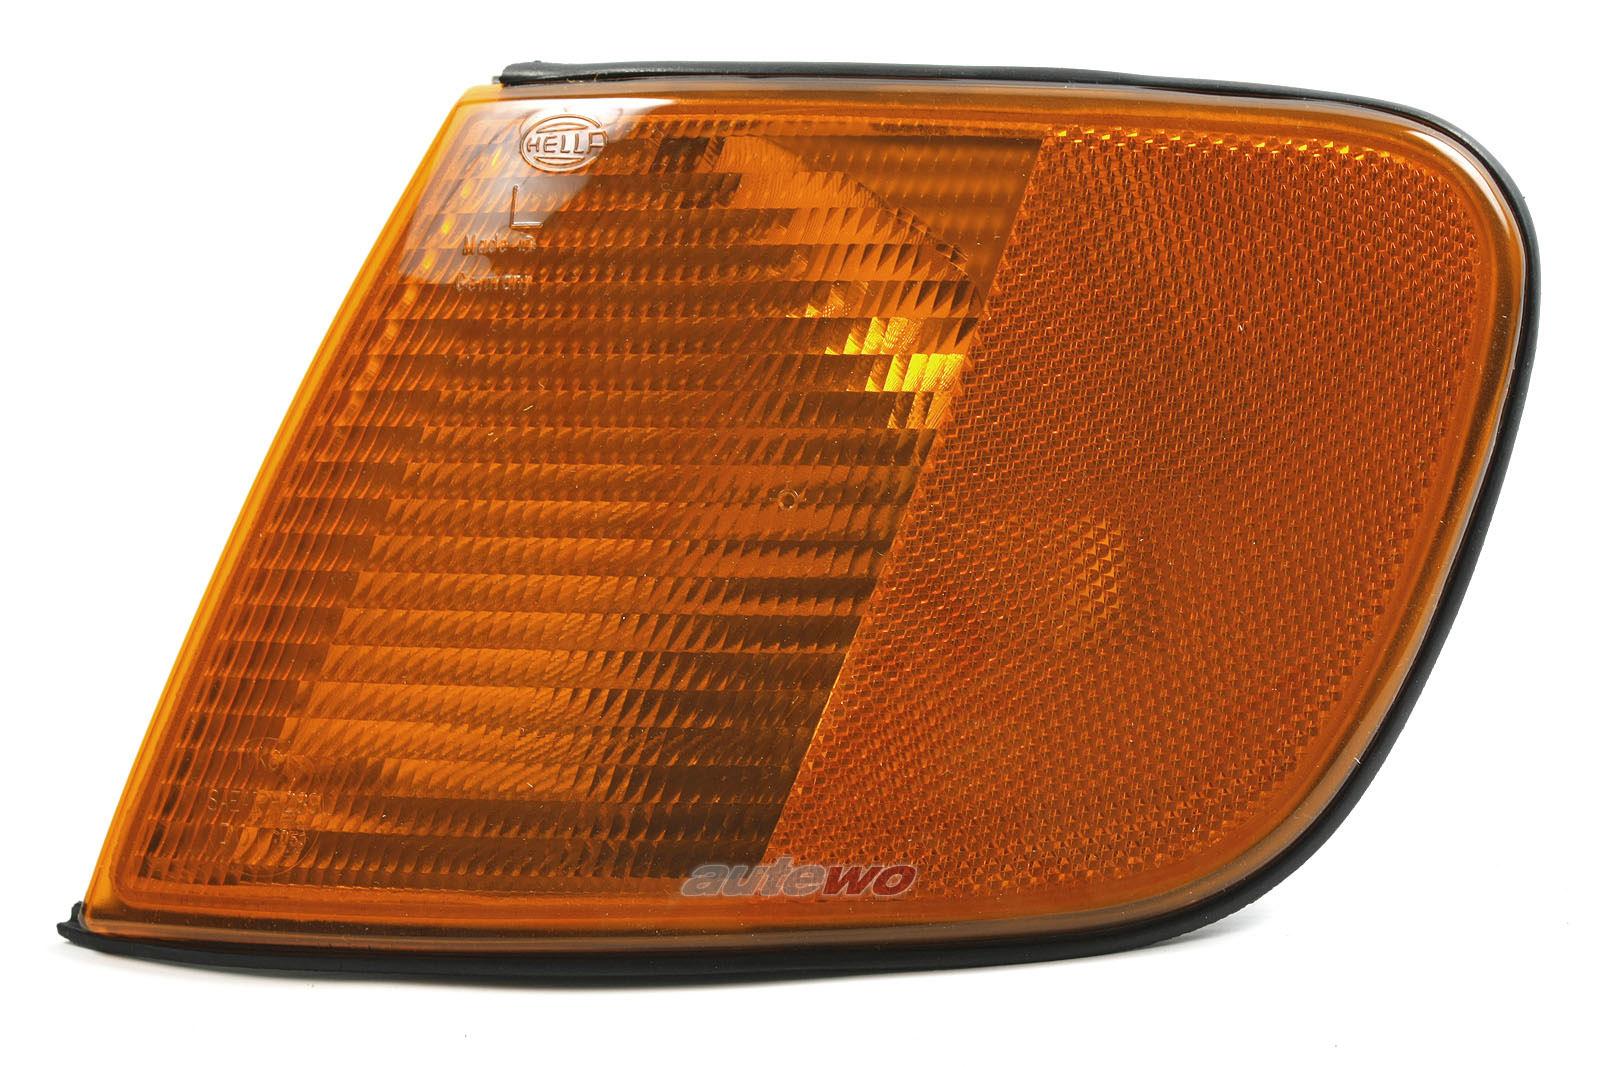 4A0953049C NEU Audi 100 C4 US-Blinker mit Sidemarker Vorne Links orange